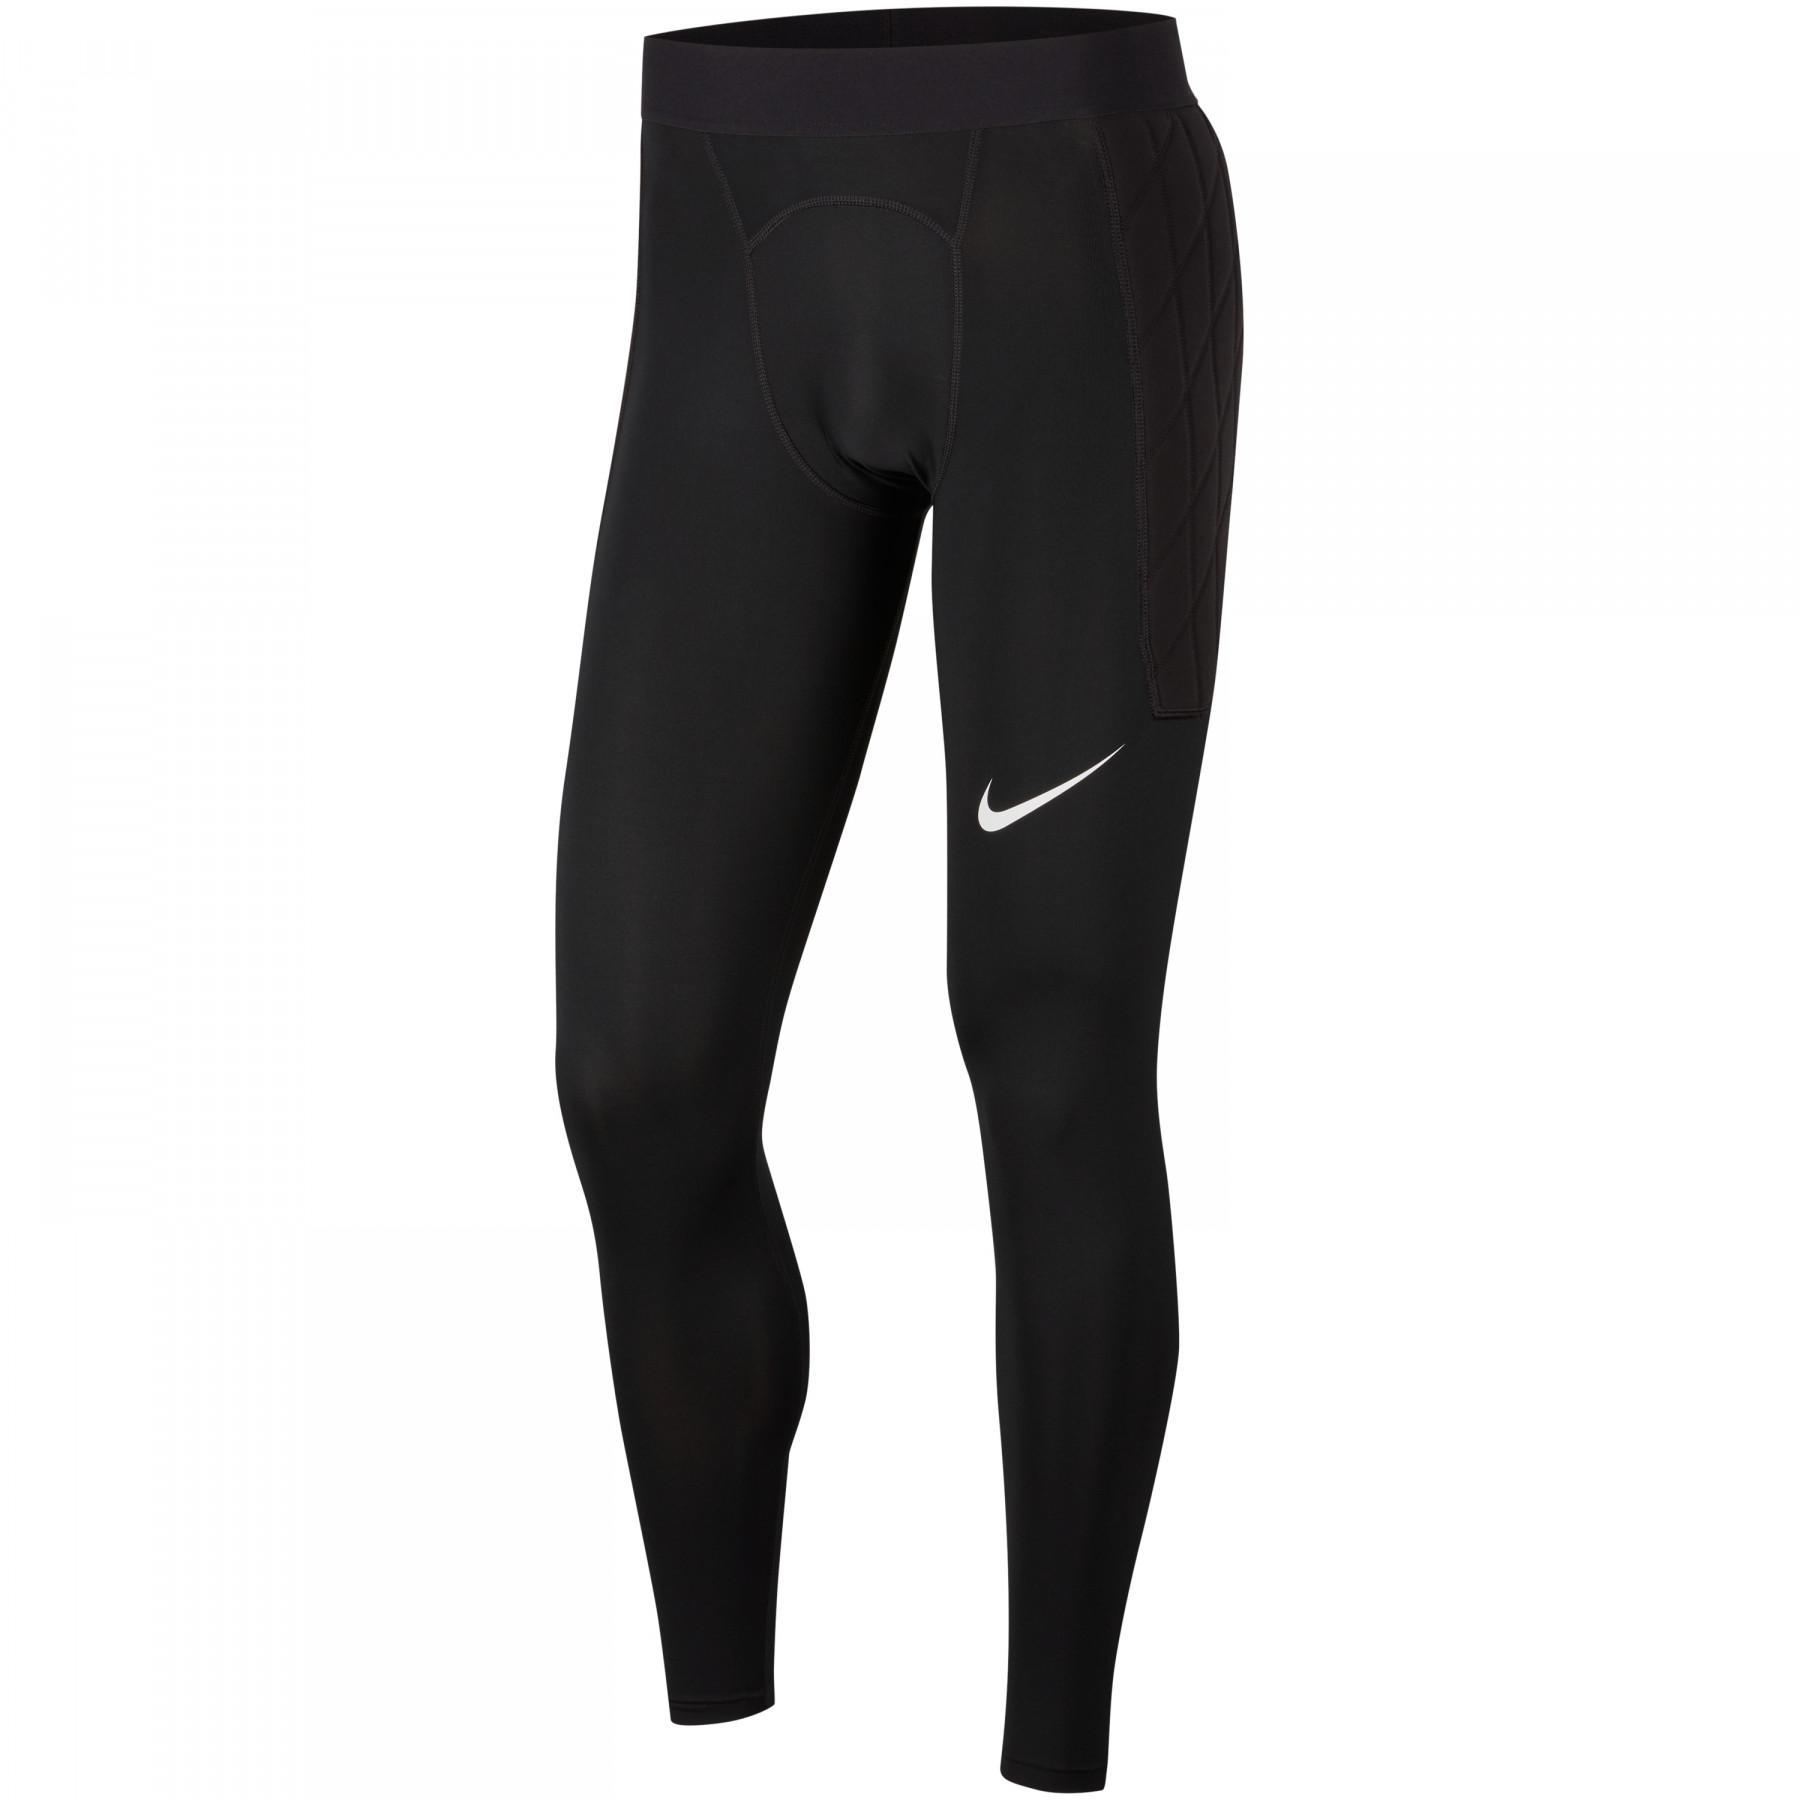 Goalkeeper Pants Nike Dri-FIT Goalkeeper I